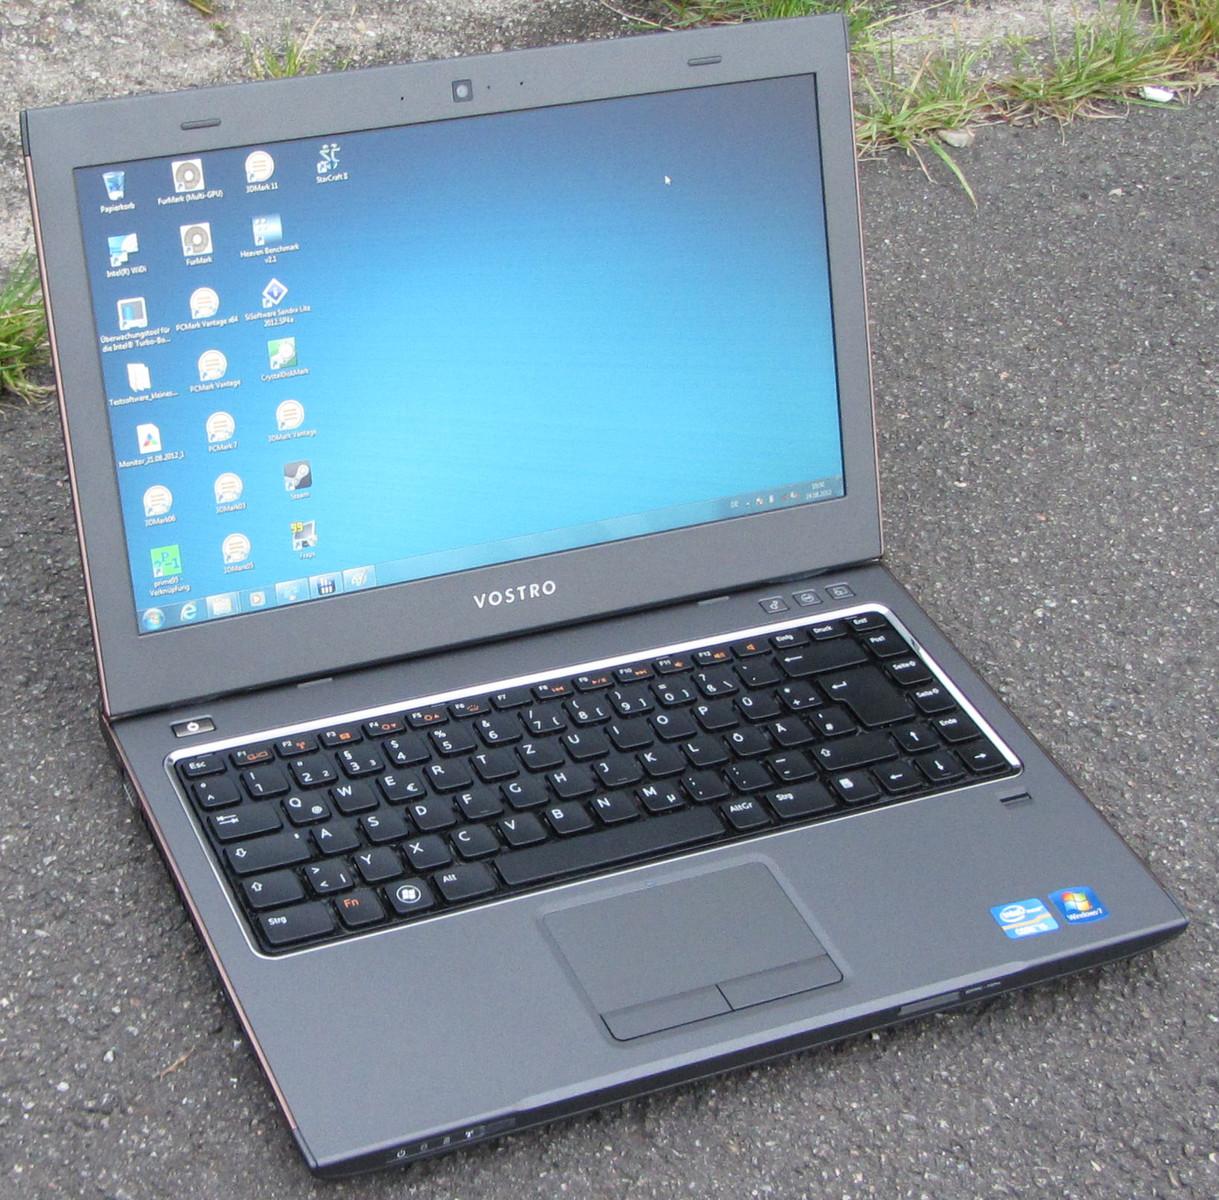 Bán laptop cũ Dell Vostro 3460 giá rẻ tại Hà Nội